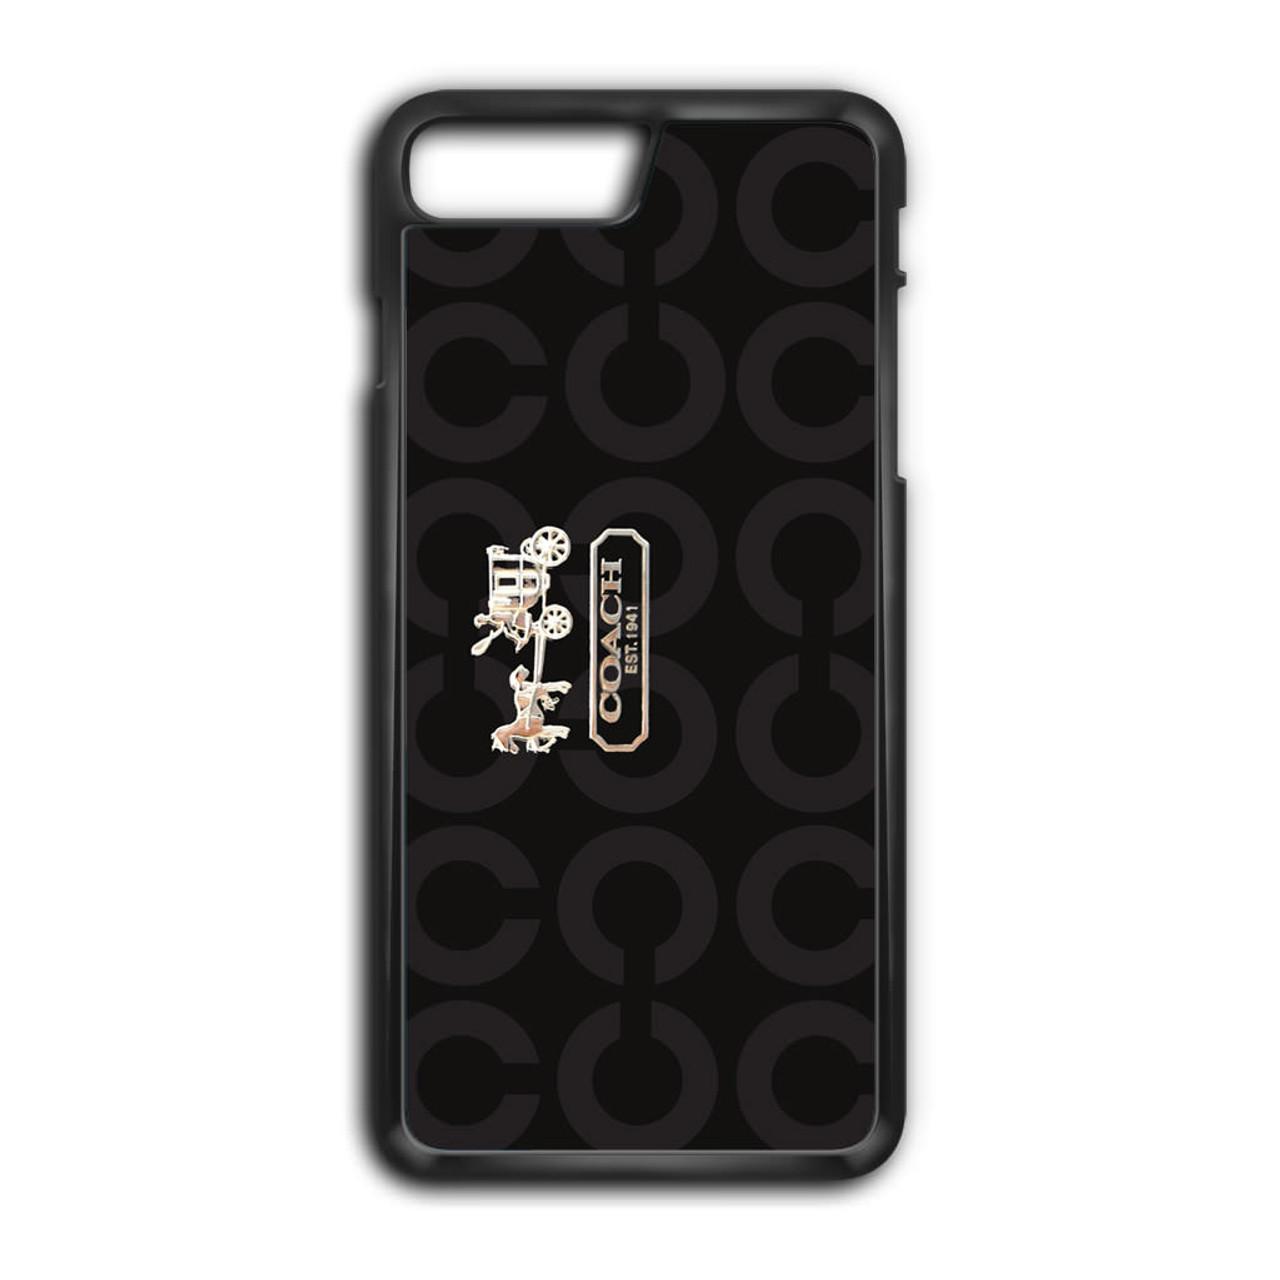 Coach Bag iPhone 7 Plus Case - CASESHUNTER c9147ccbeb00